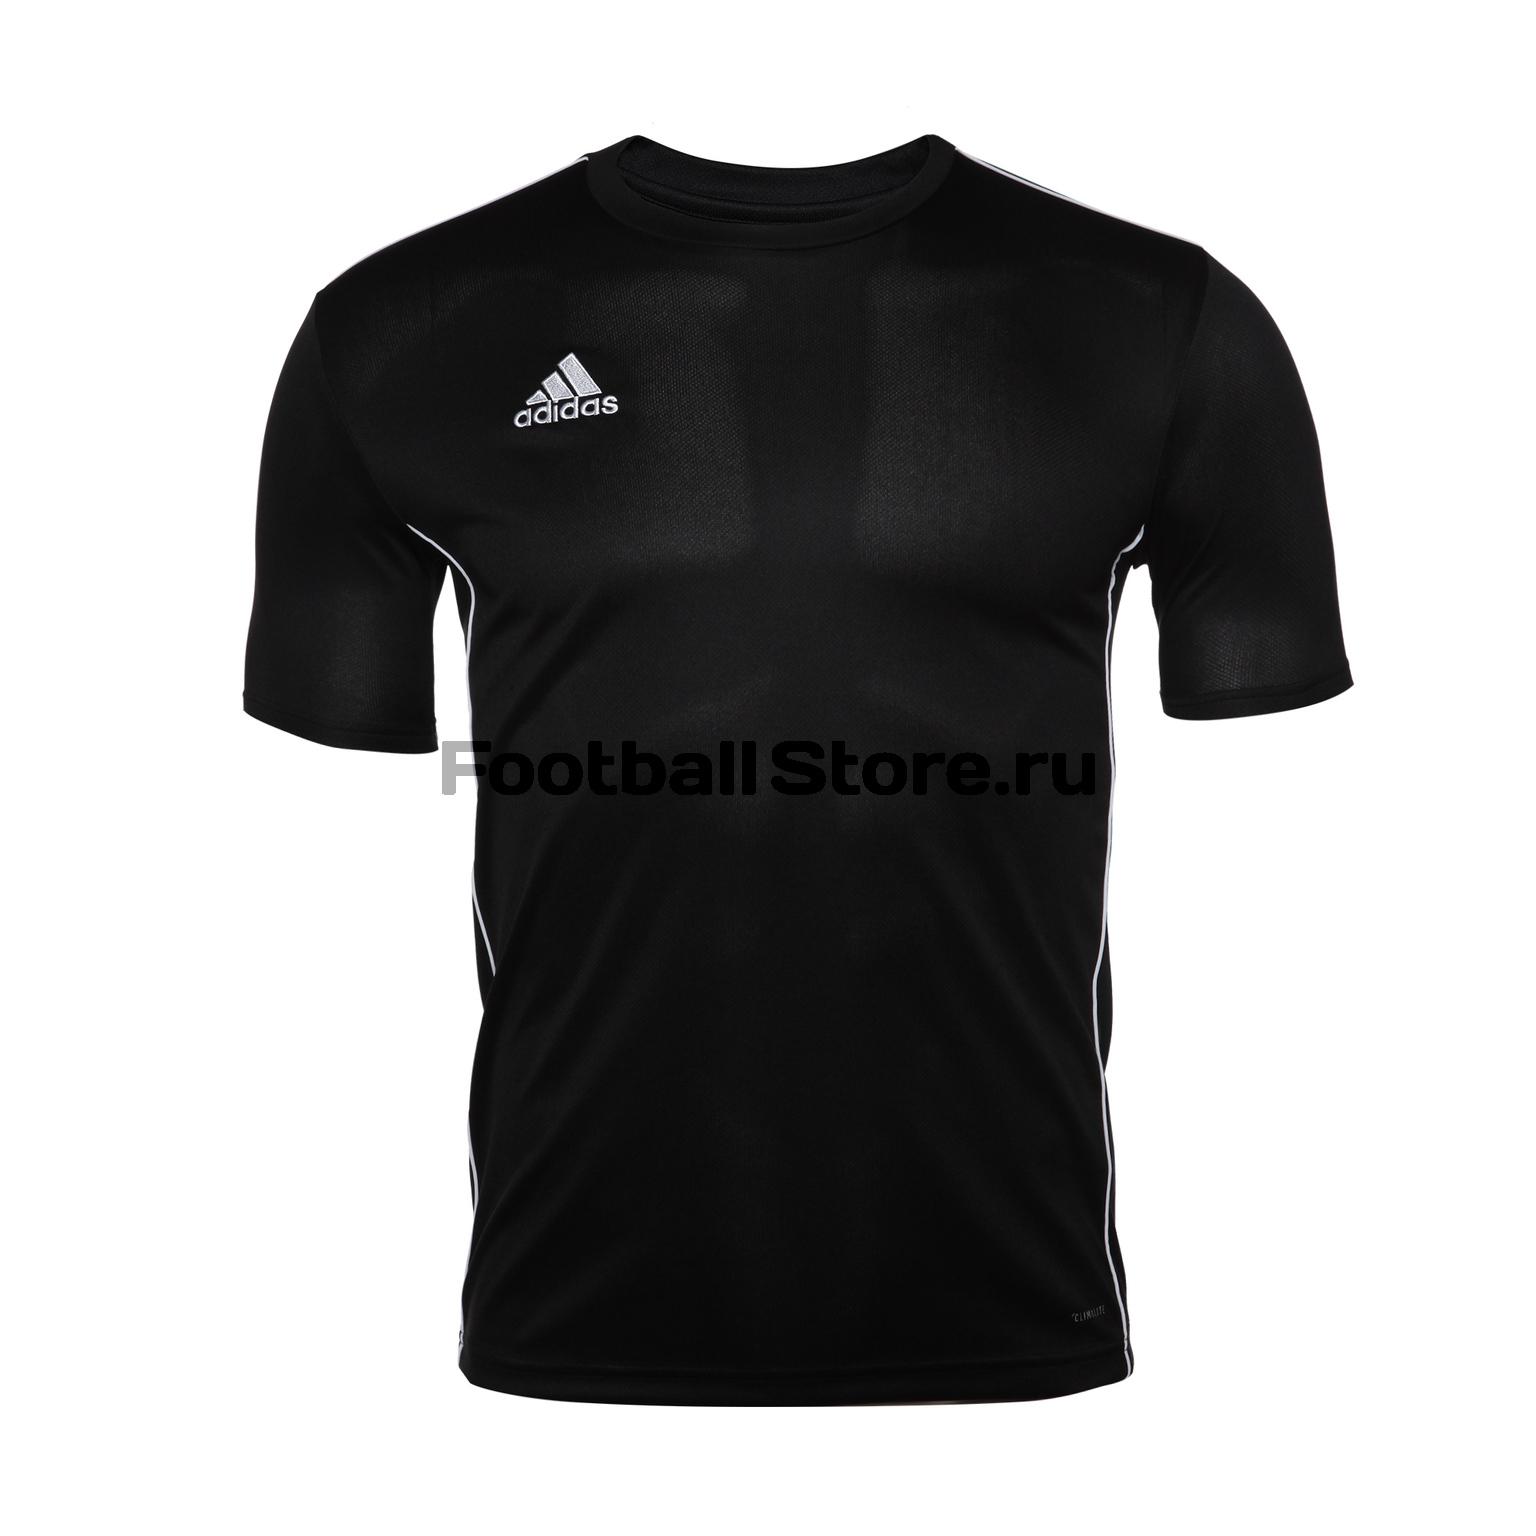 Футболка тренировочная Adidas Core18 JSY CE9021 футболка тренировочная adidas tiro19 tr jsy dt5288